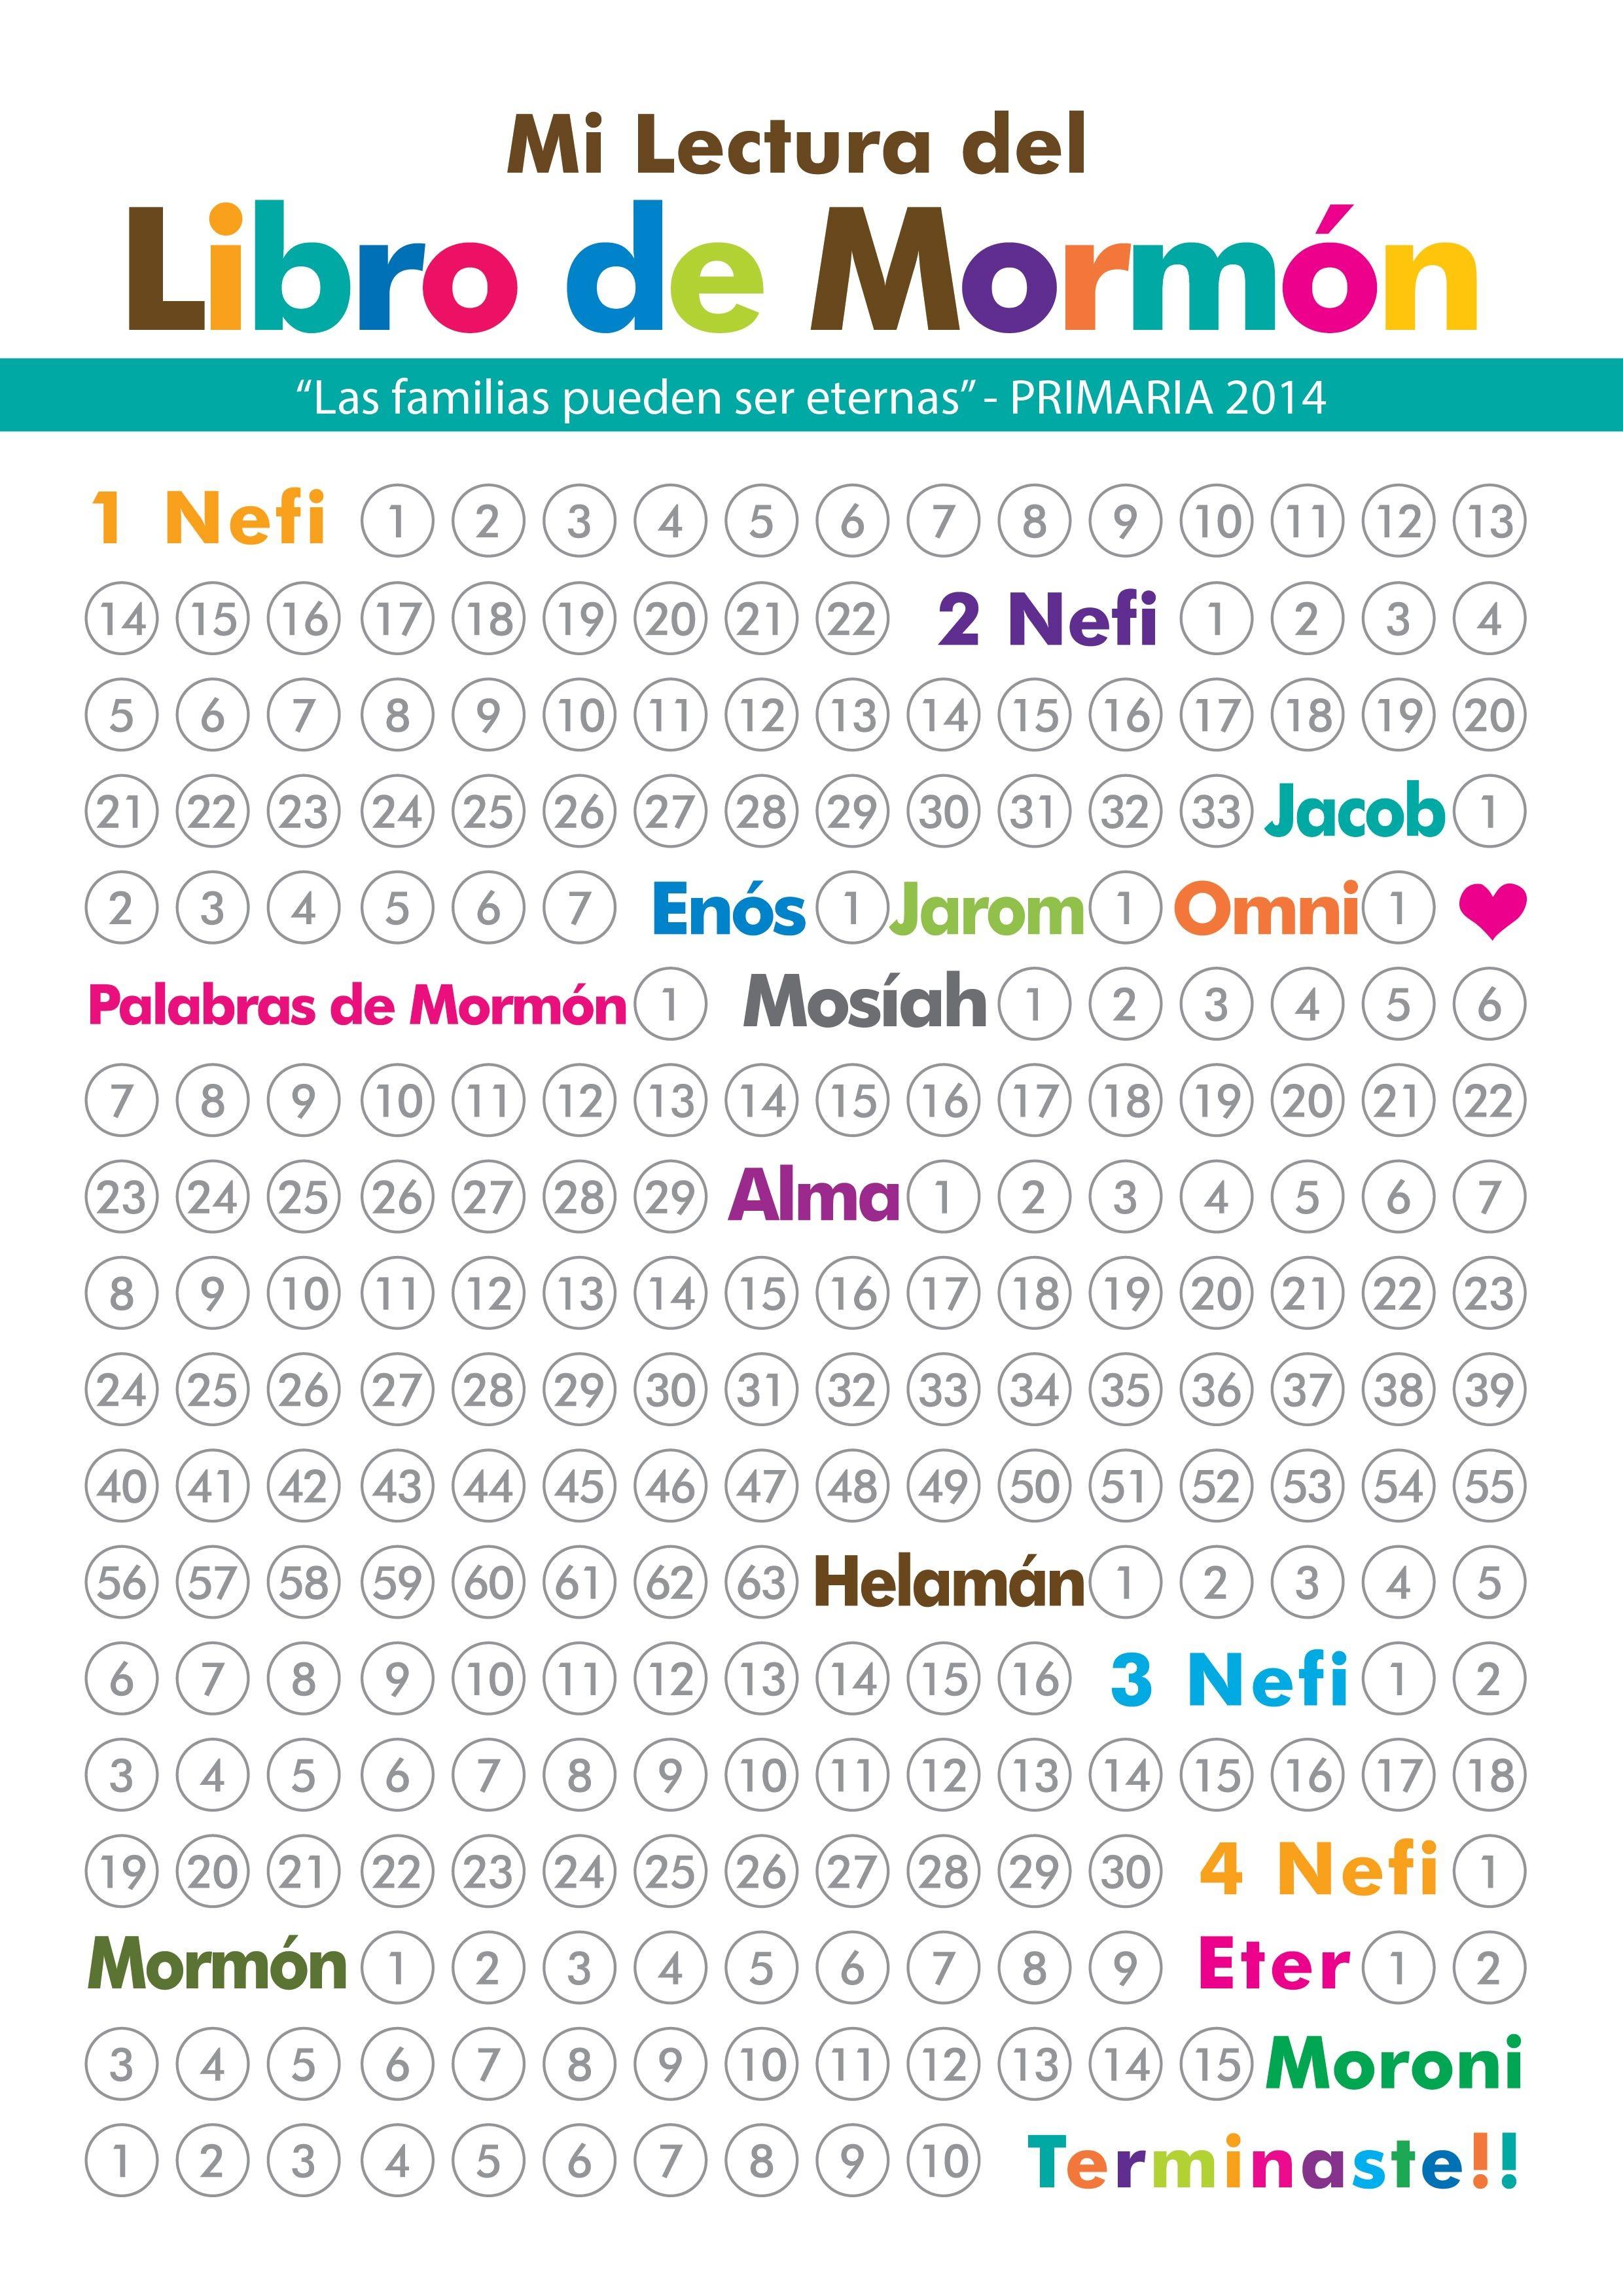 Calendario Con Horas Para Imprimir 2017 Más Caliente Por Qué Necesitamos El Libro De Morm³n Lds Of Calendario Con Horas Para Imprimir 2017 Recientes 52 Best Life organization Images On Pinterest